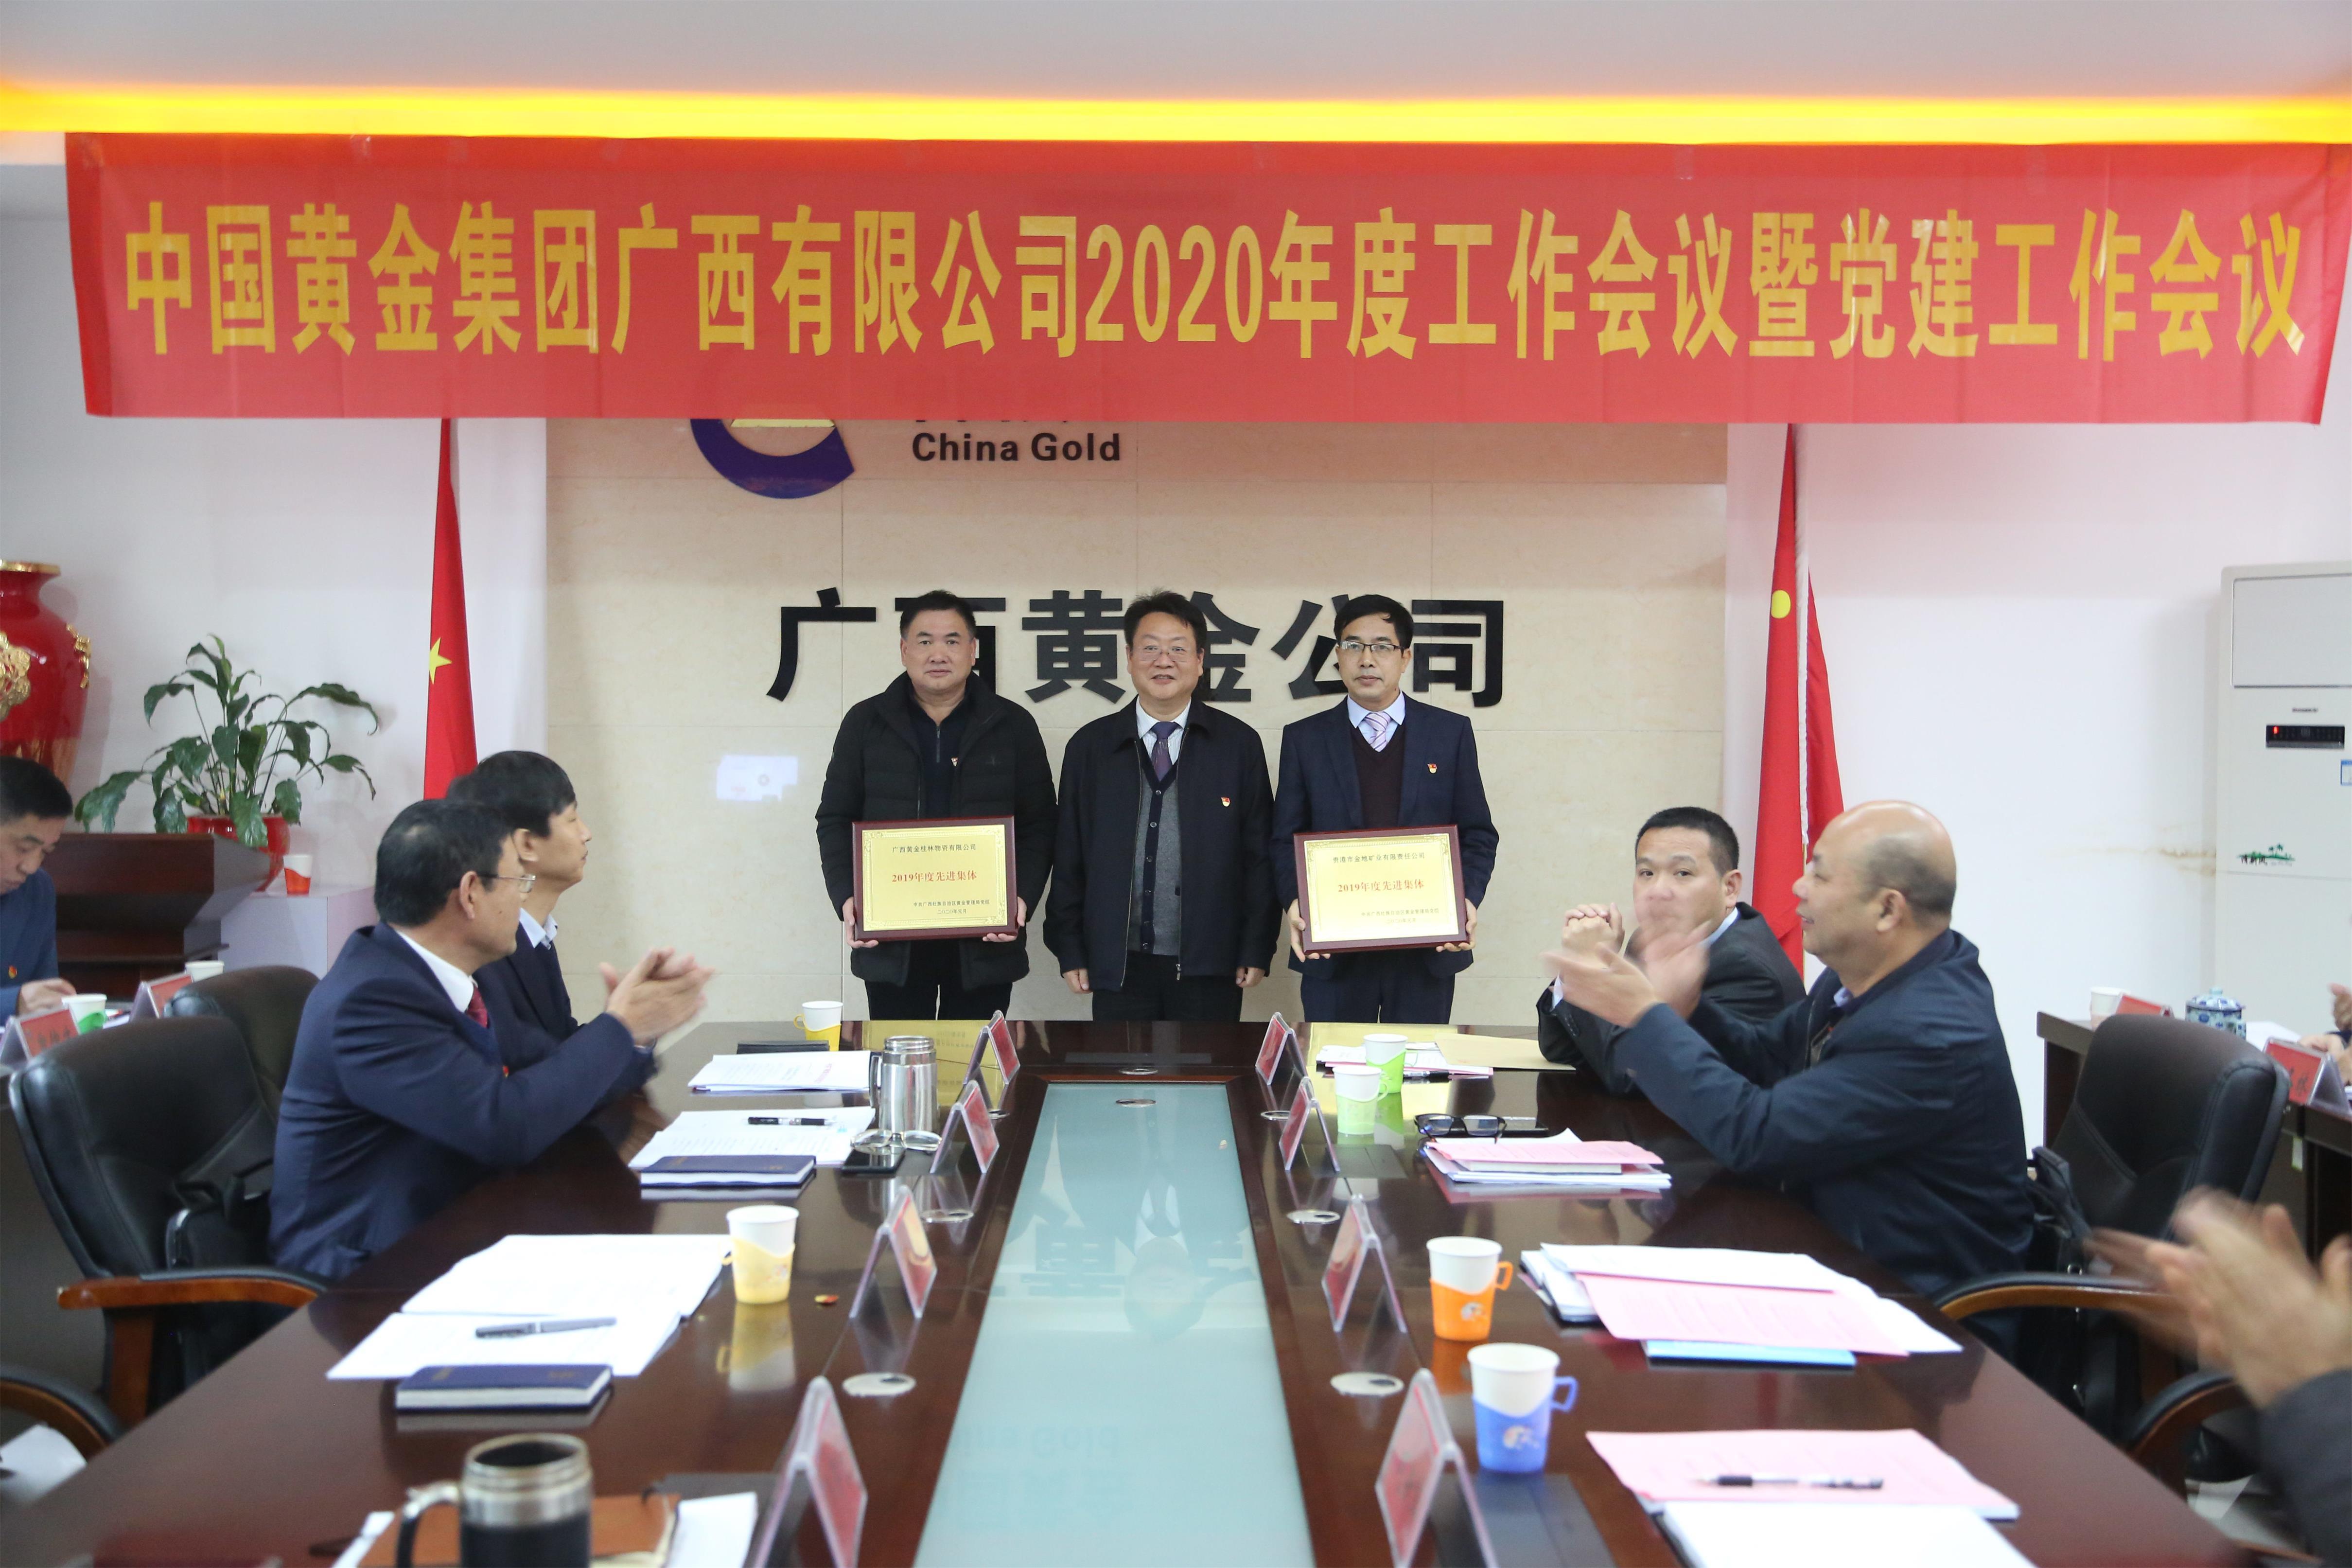 中國黃金集團廣西有限公司召開2020年度工作會議暨黨建工作會議